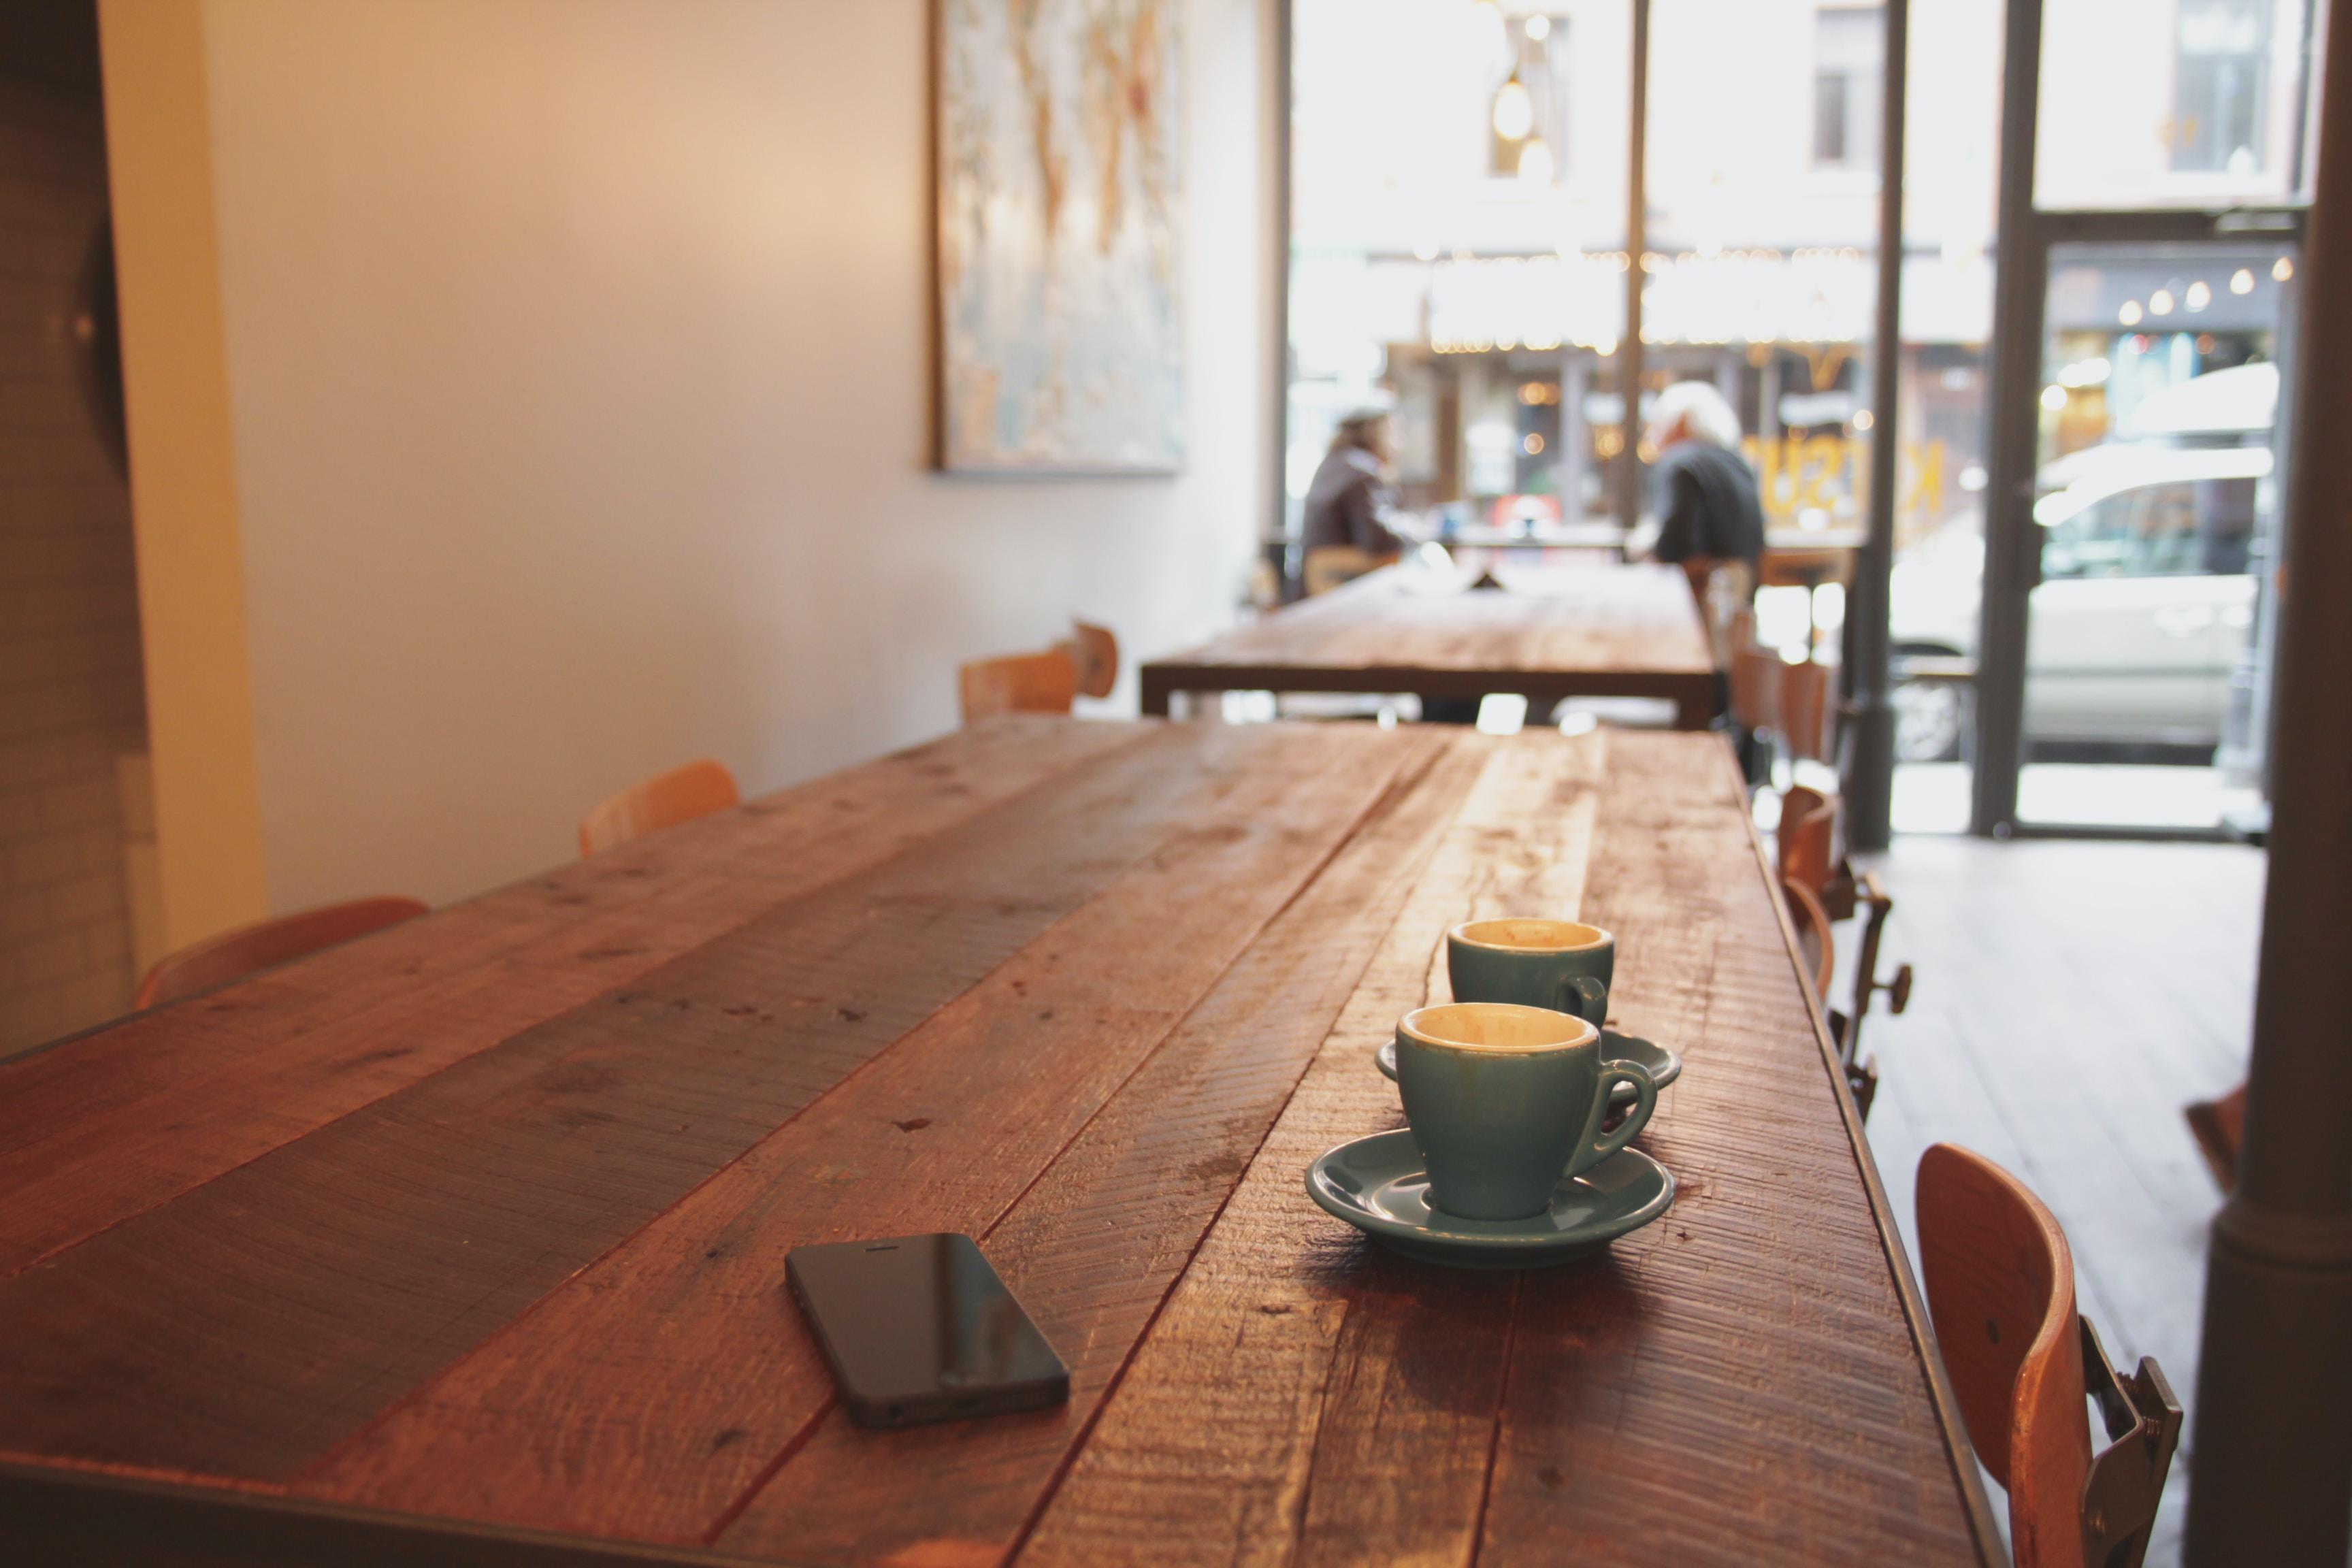 Cafe sadlytrue stories